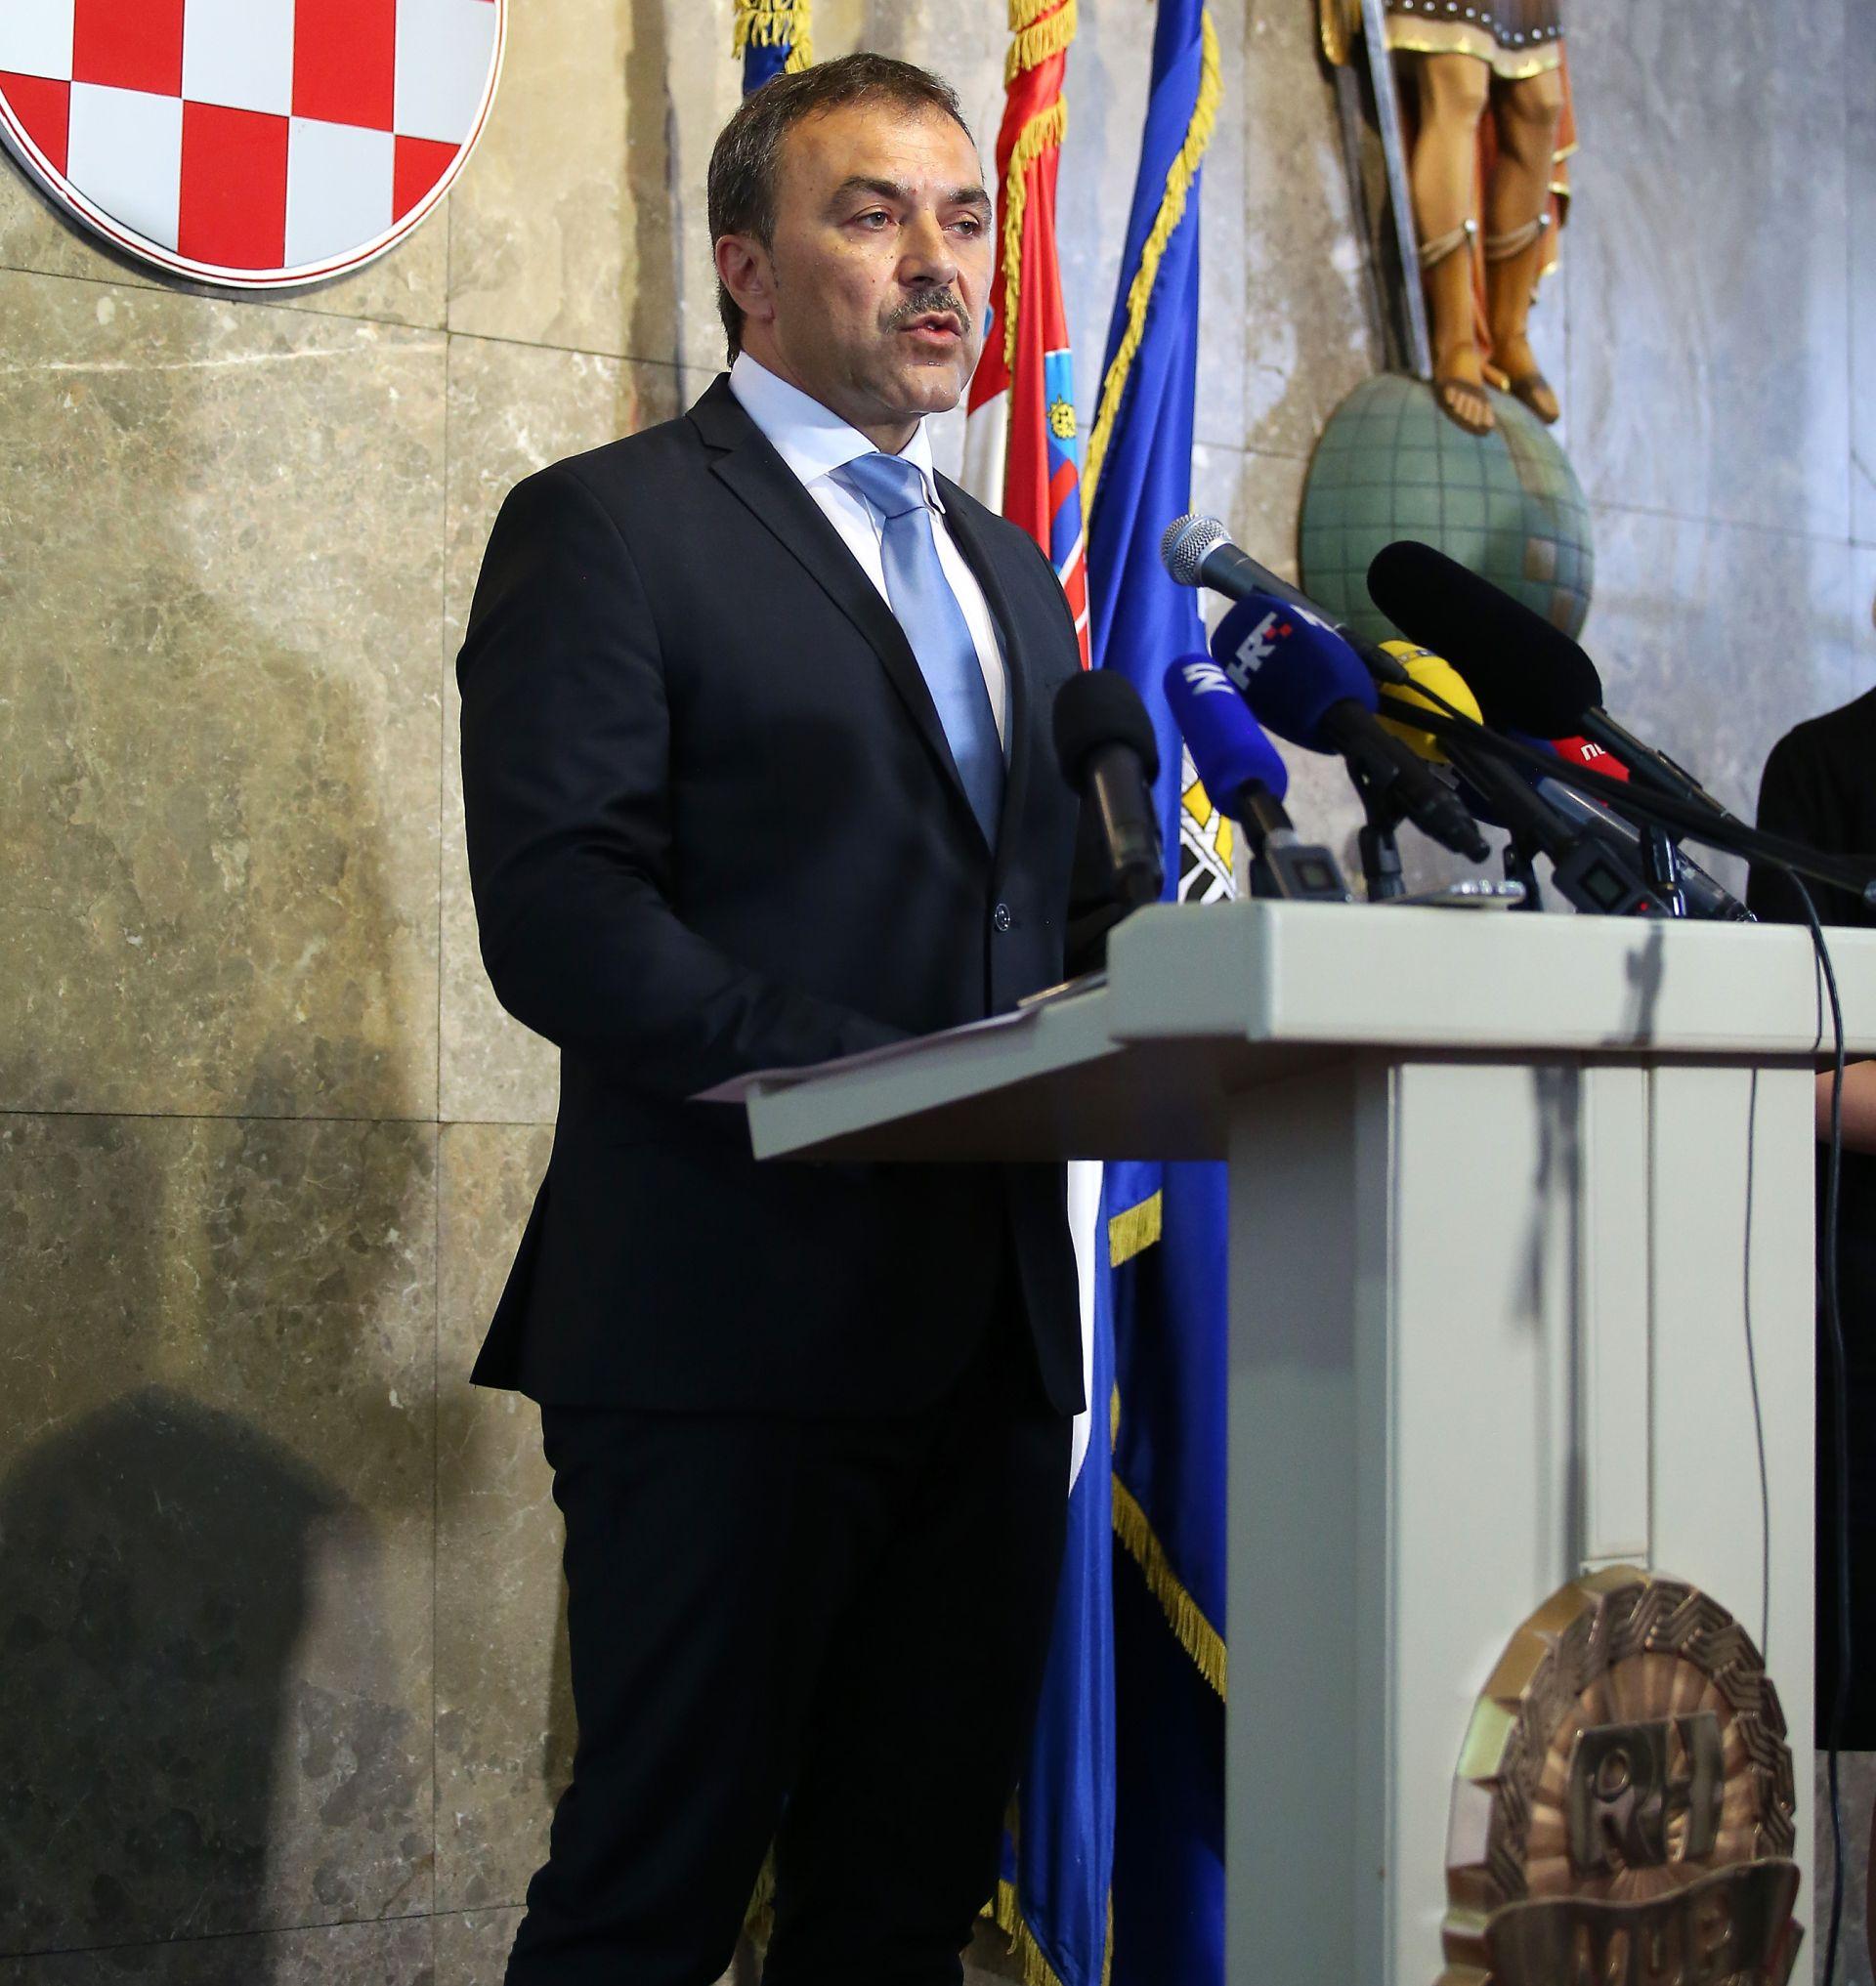 BIVŠA DIREKTORICA AKD-a: Zašto Orepić tek sad progovara o opozivu koji se dogodio prije mjesec dana